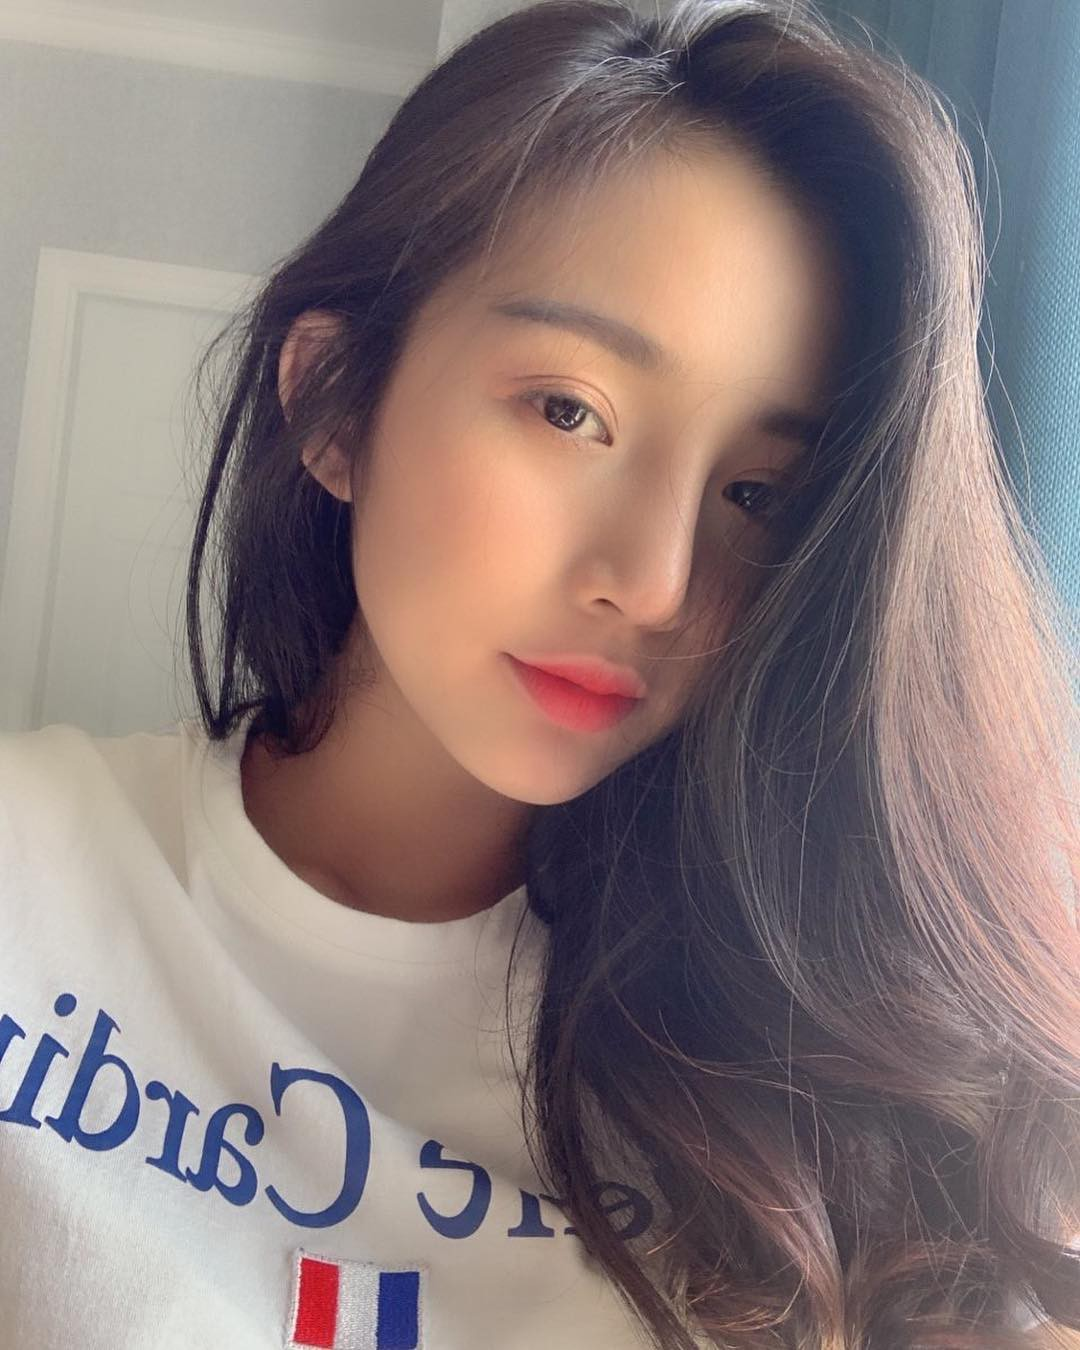 Thành viên mới của hội girl xinh Việt lên báo nước ngoài: Cười siêu đẹp, body siêu hot - Ảnh 2.